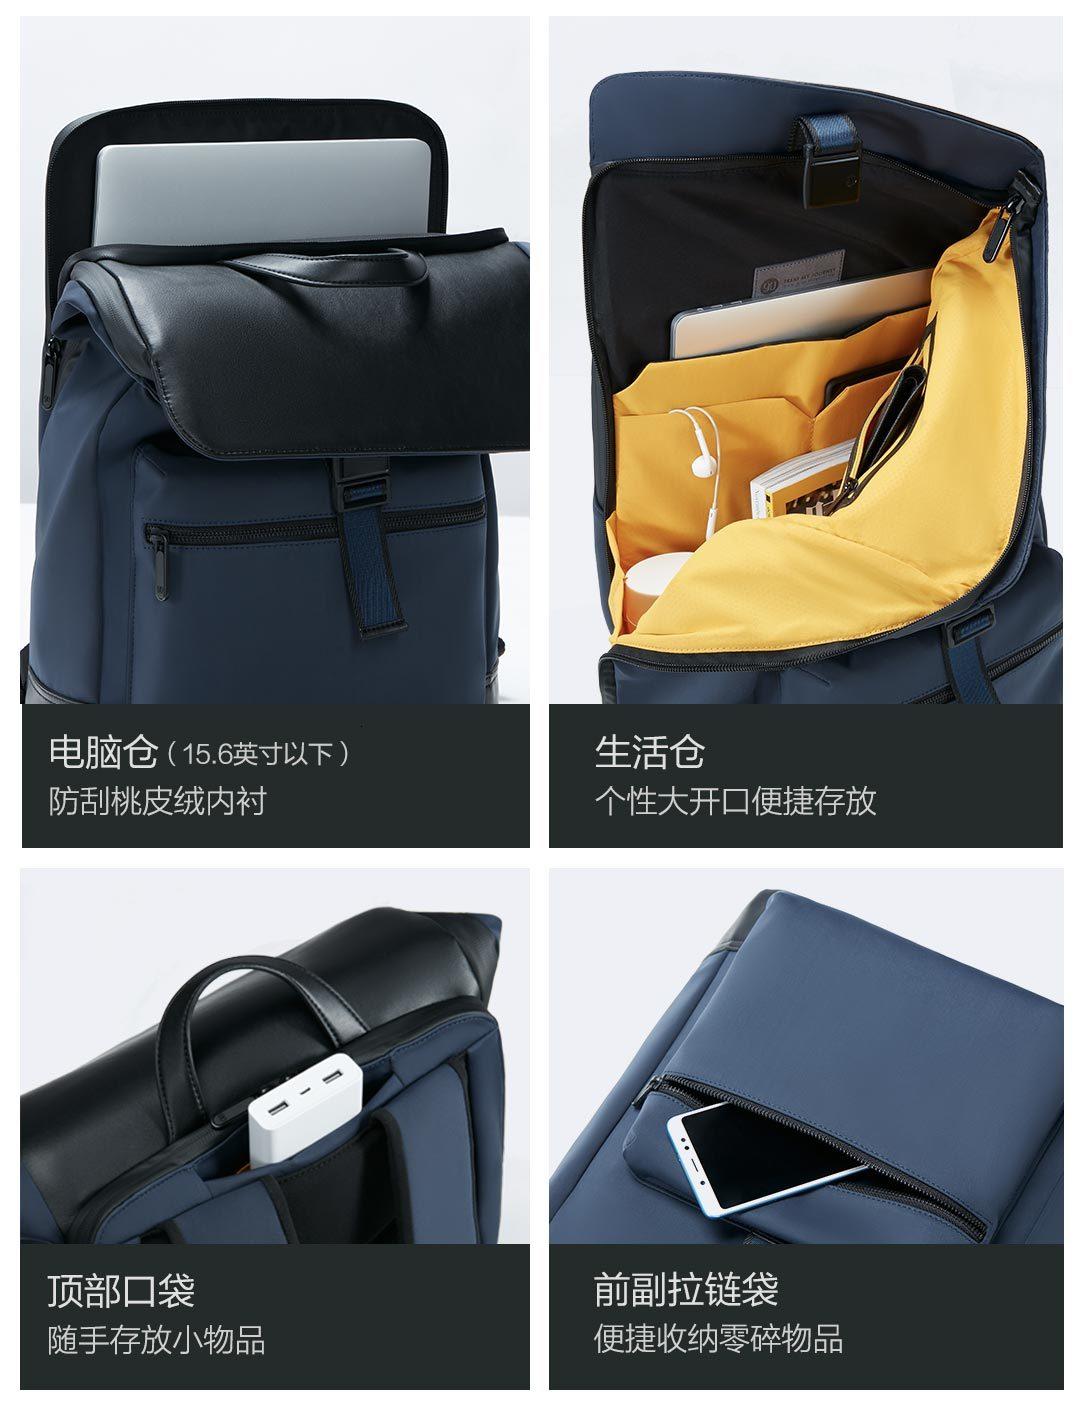 22.5L Xiaomi 90 точек светильник городской Досуг Рюкзак Xiomi сумка рюкзак многогранный светильник для хранения технология магнитная пряжка - 6